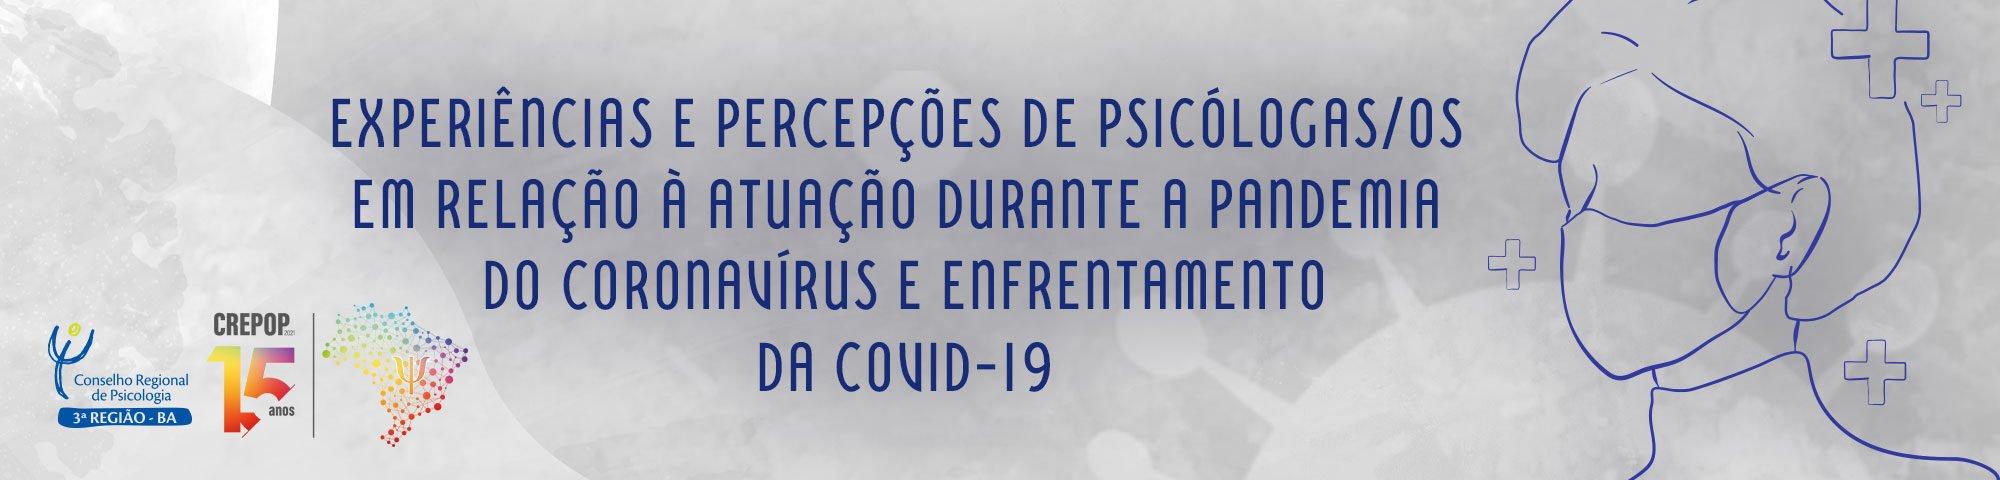 Experiências e percepções de psicólogas no enfrentamento do COVID-19